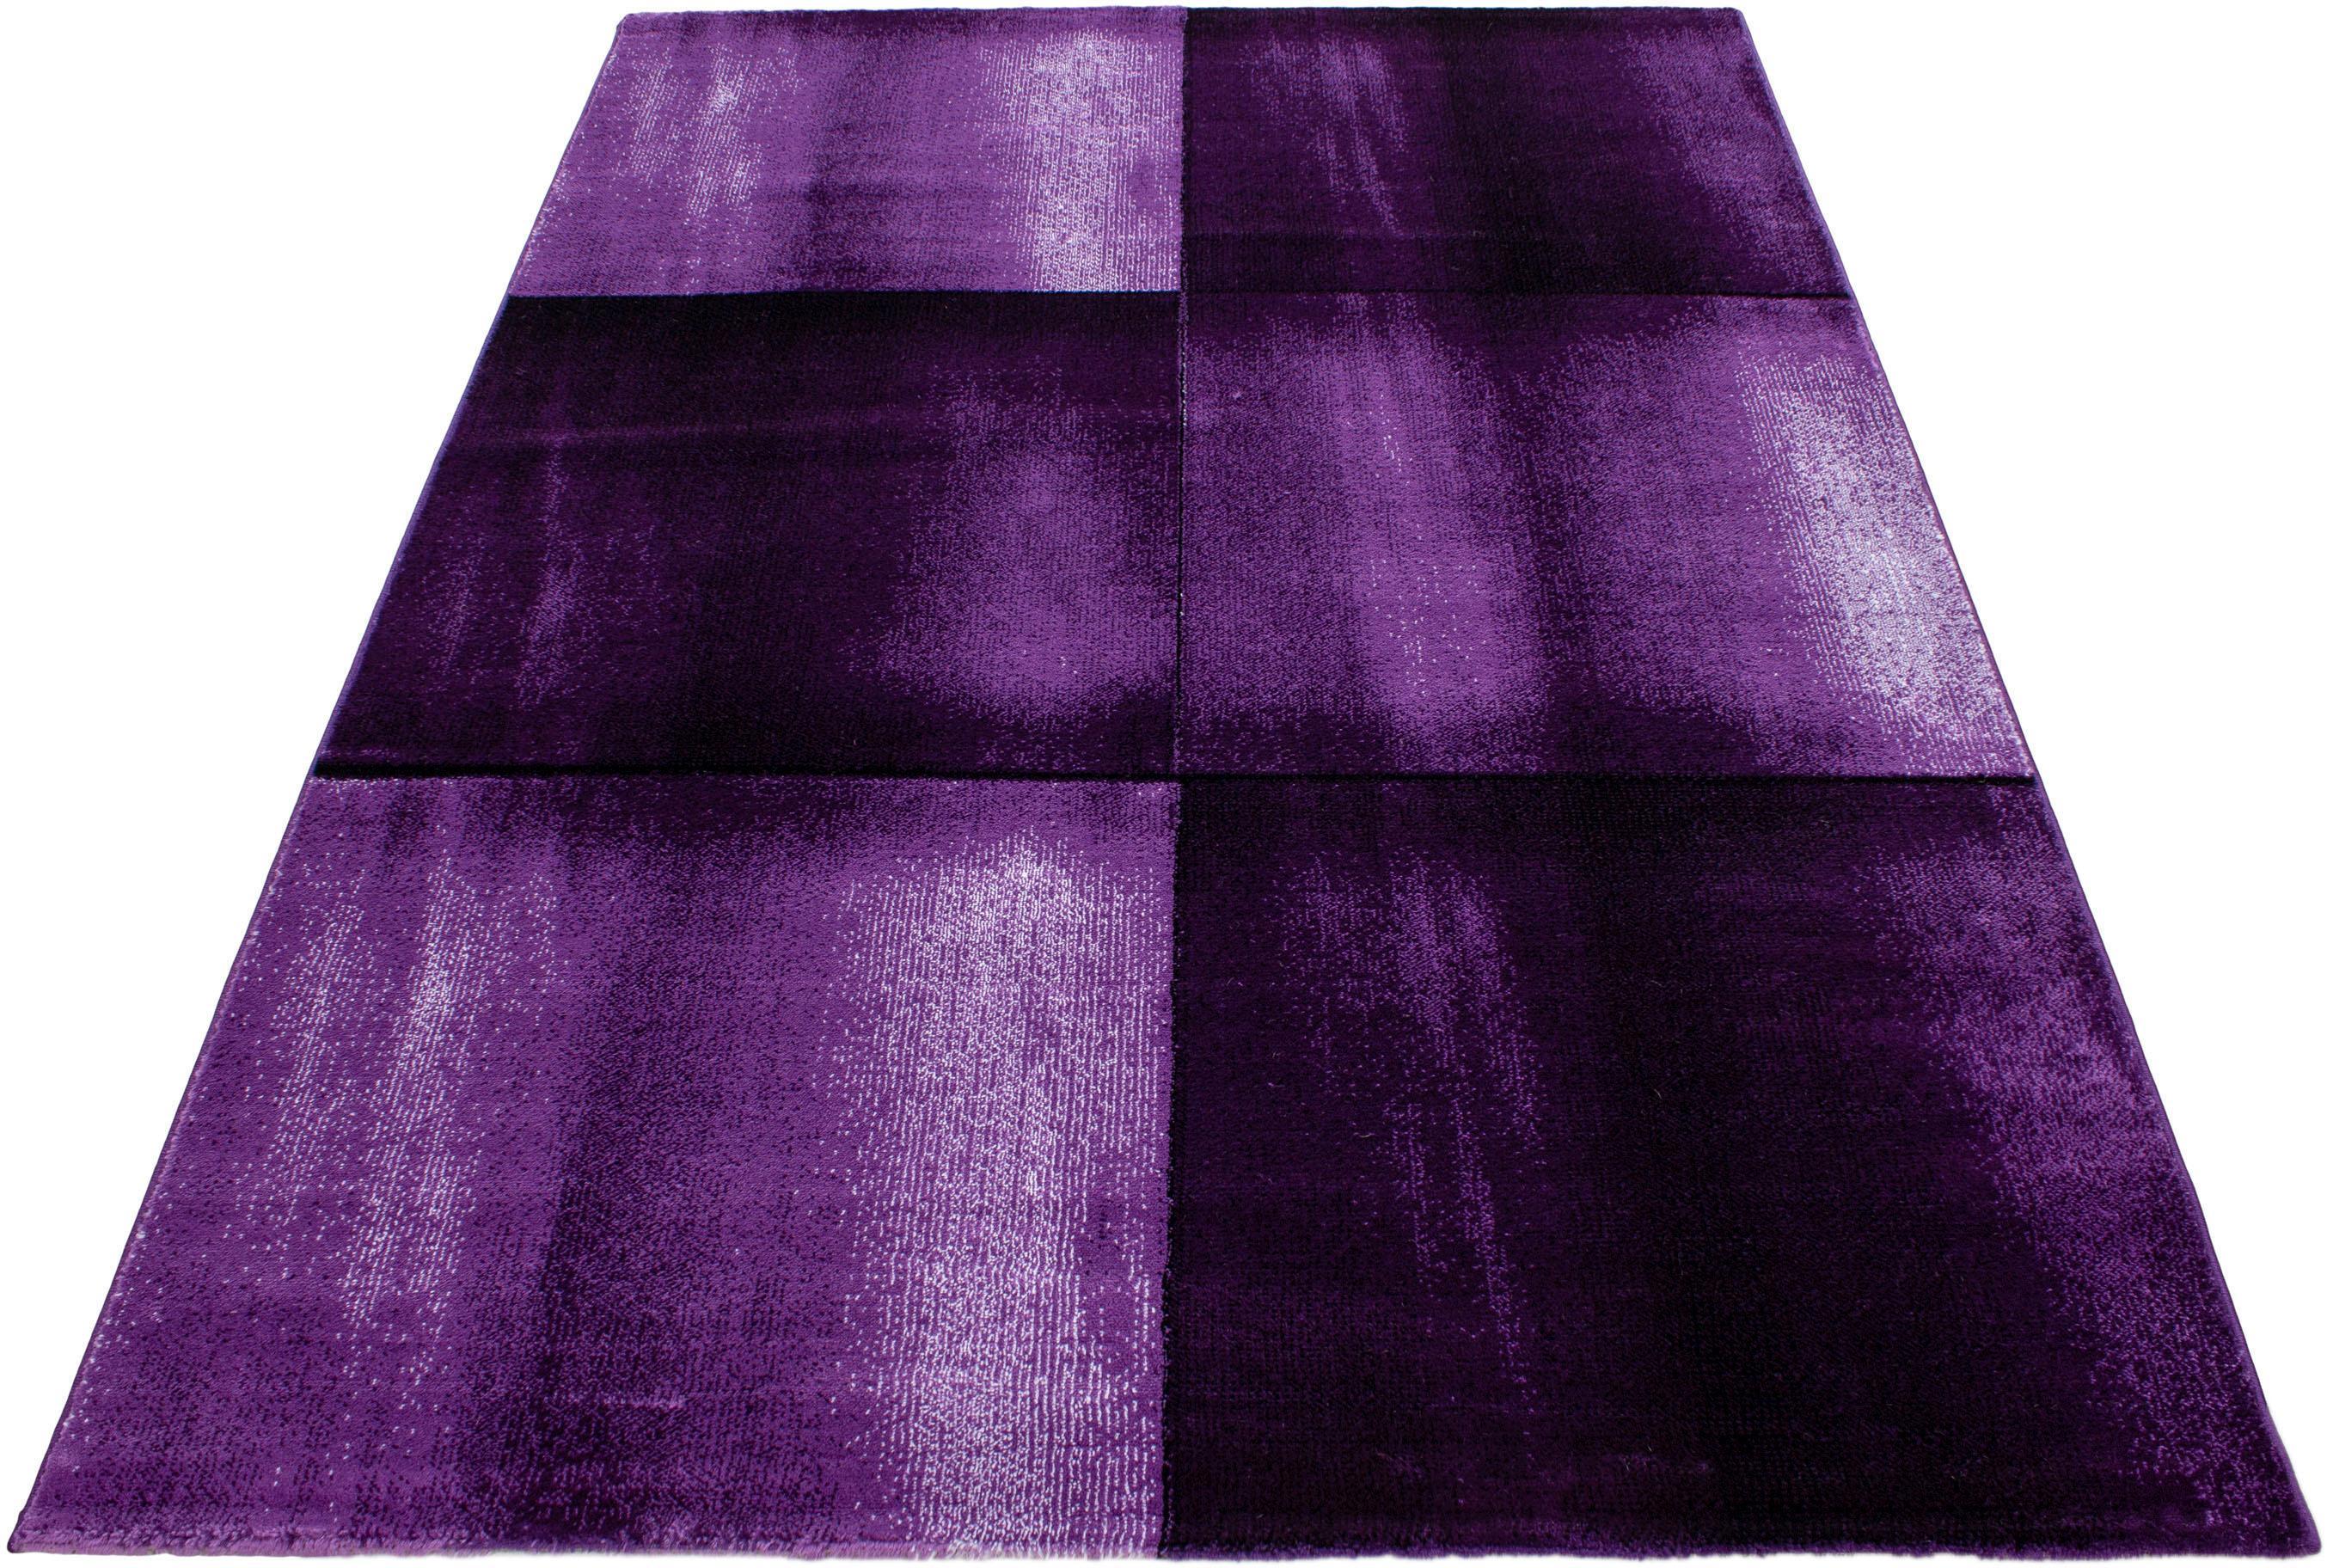 Teppich Parma 9320 Ayyildiz rechteckig Höhe 9 mm maschinell gewebt